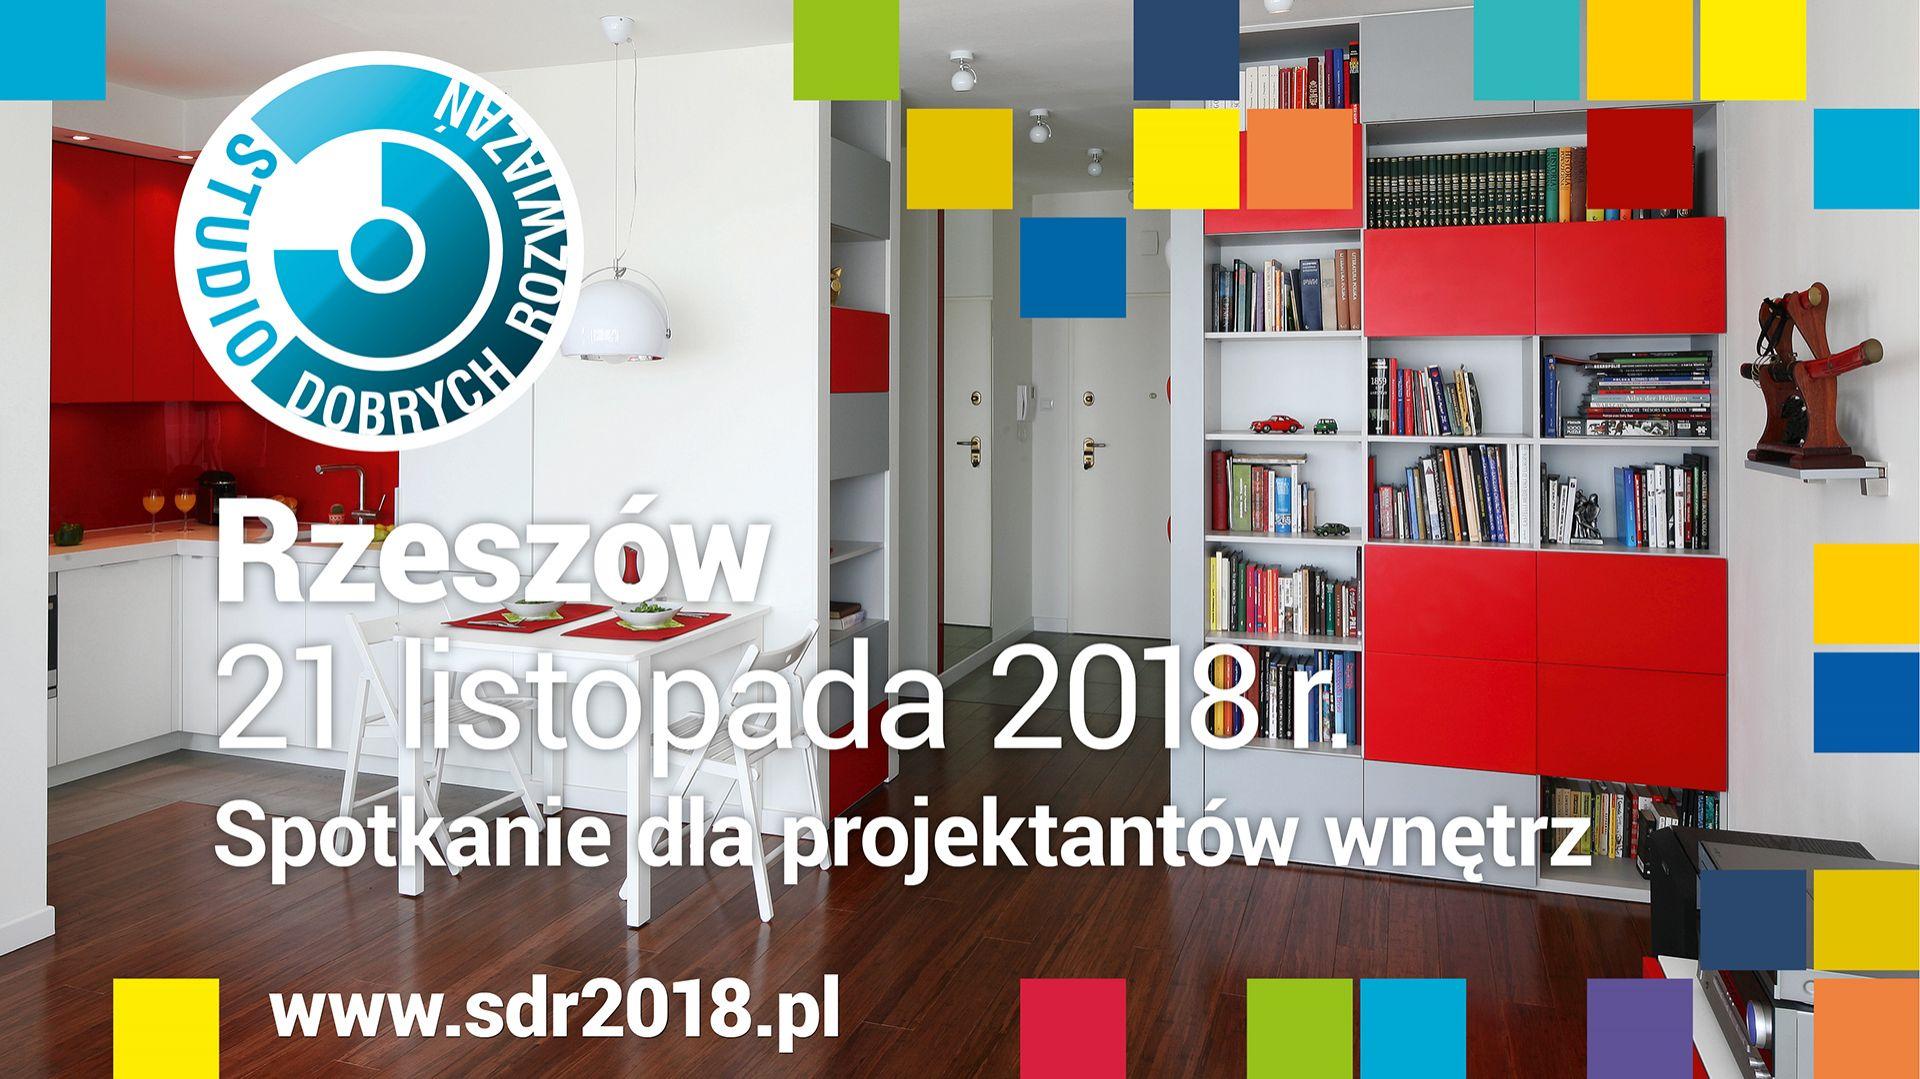 Studio Dobrych Rozwiązań w Rzeszowie 21 listopada 2018 r.